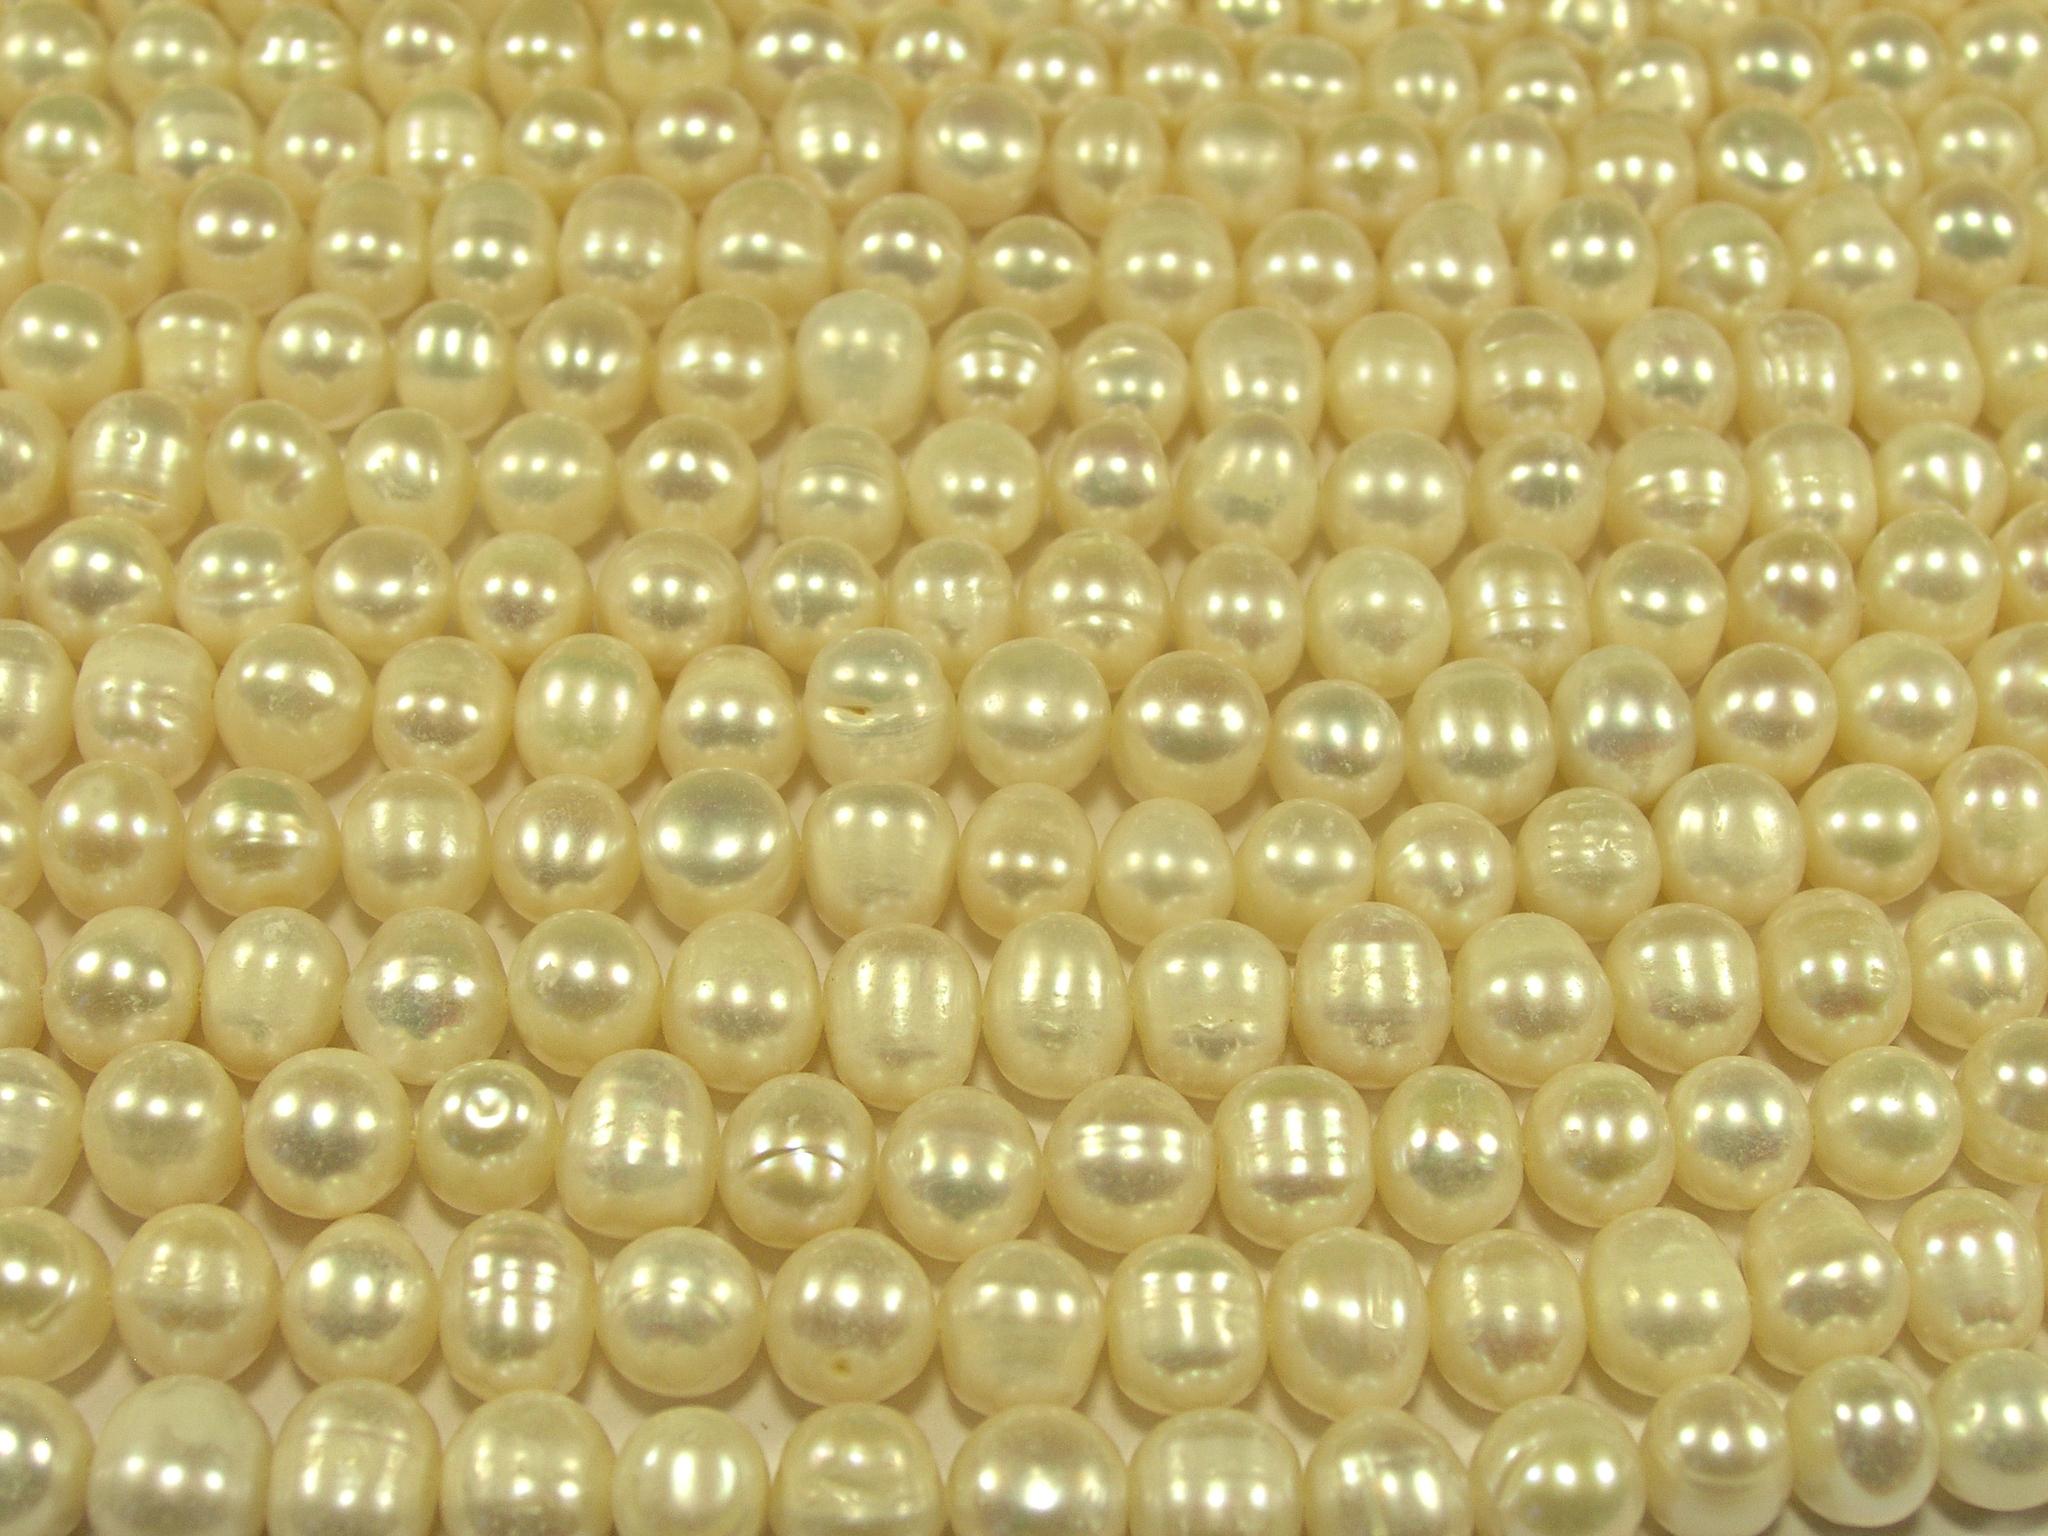 Нити бусин из жемчуга пресноводного культивированного, шар гладкий 7-8 мм (оптом)